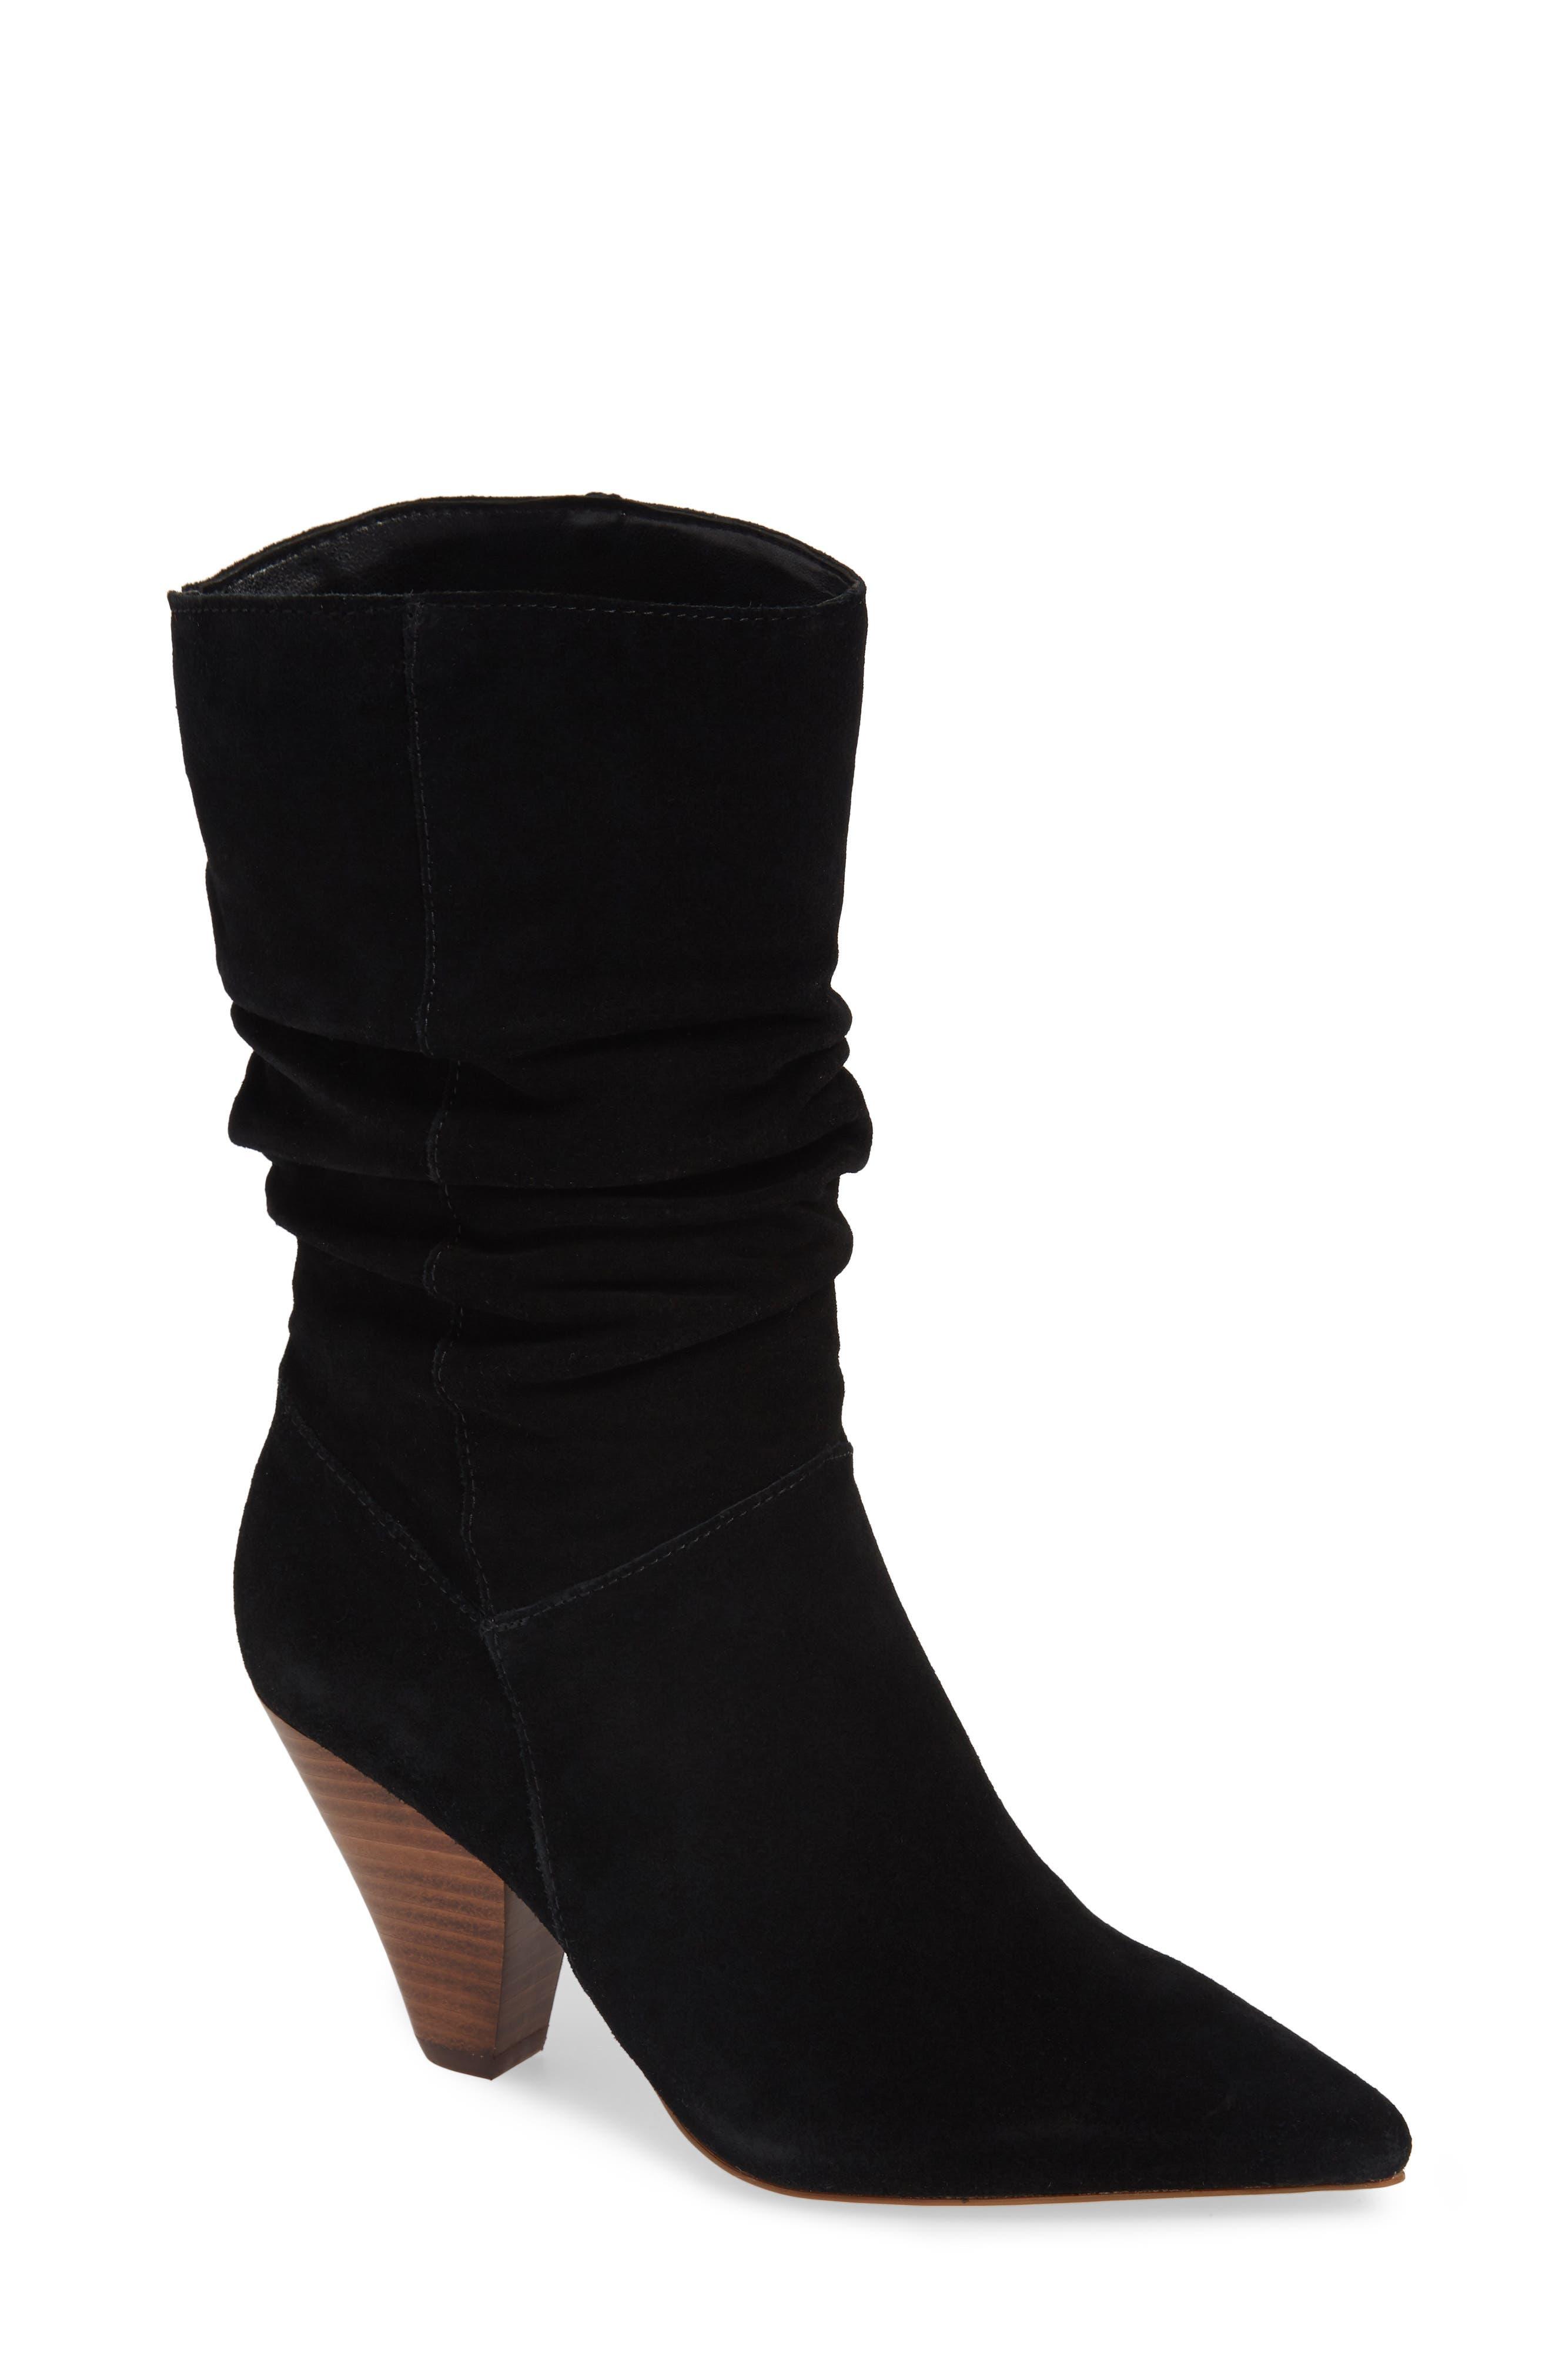 KENSIE Kirsten Boot in Black Suede